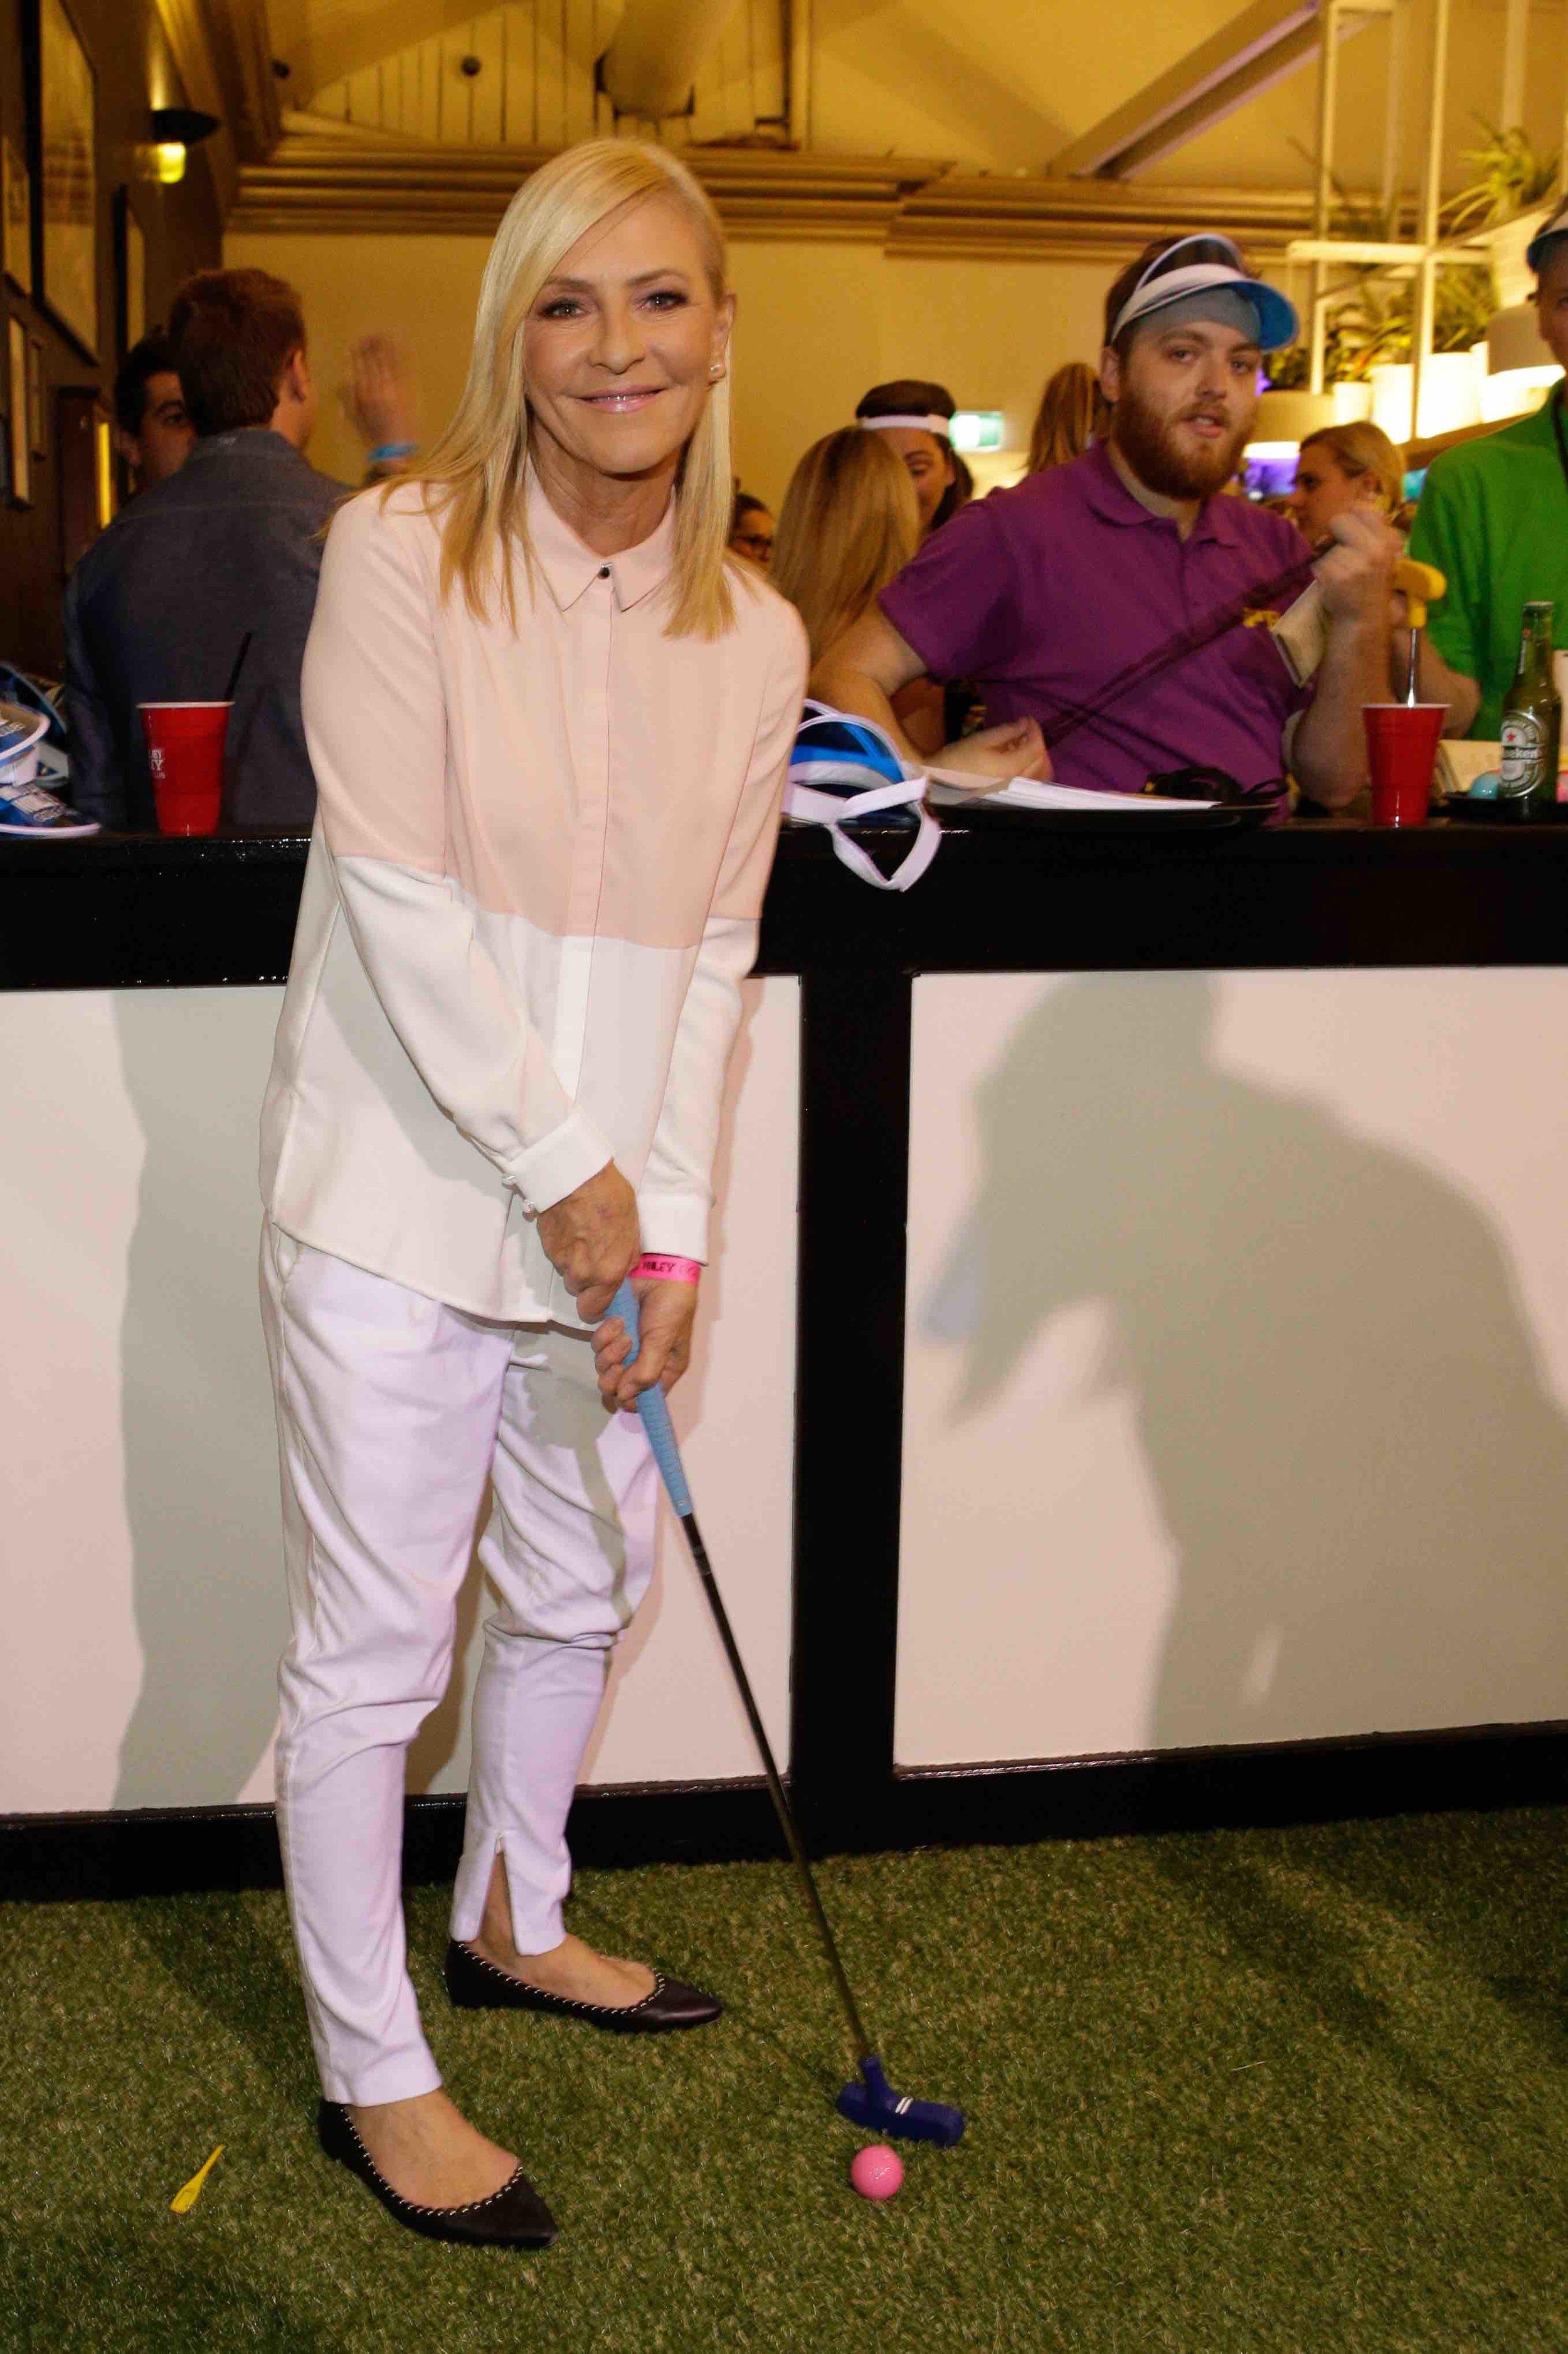 holey-moley-golf-club-launch-2017-jo-hall.jpeg